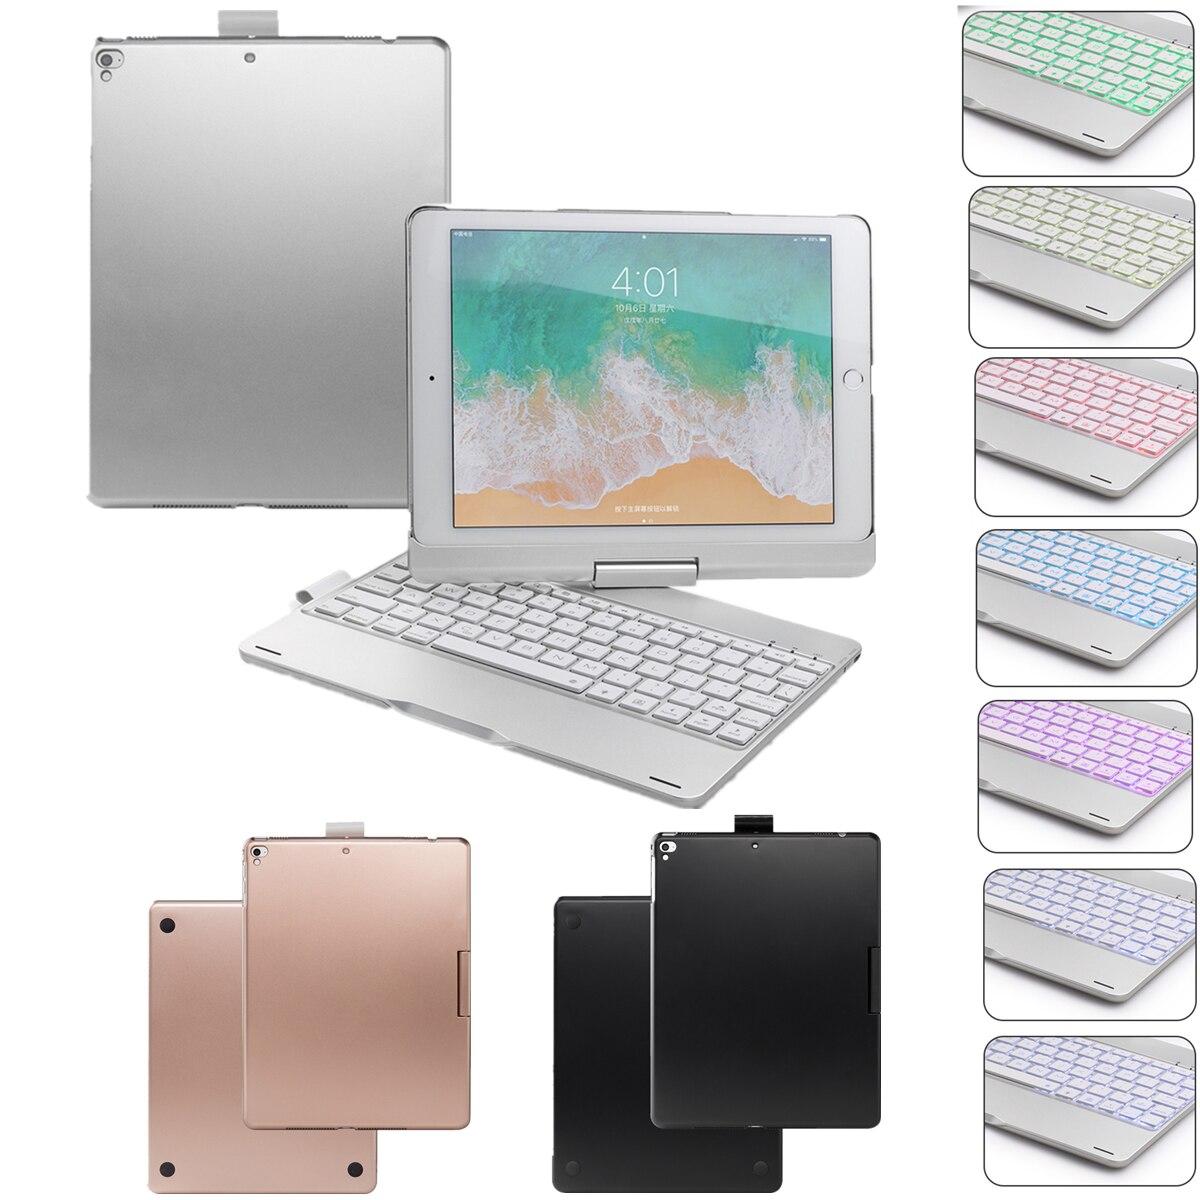 Pour 2018 nouveau iPad 2017 nouveau iPad 9.7 iPad Pro iPad Air 2 1 rotation 360 degrés Design étui pour tablette avec USA BT clavier sans fil